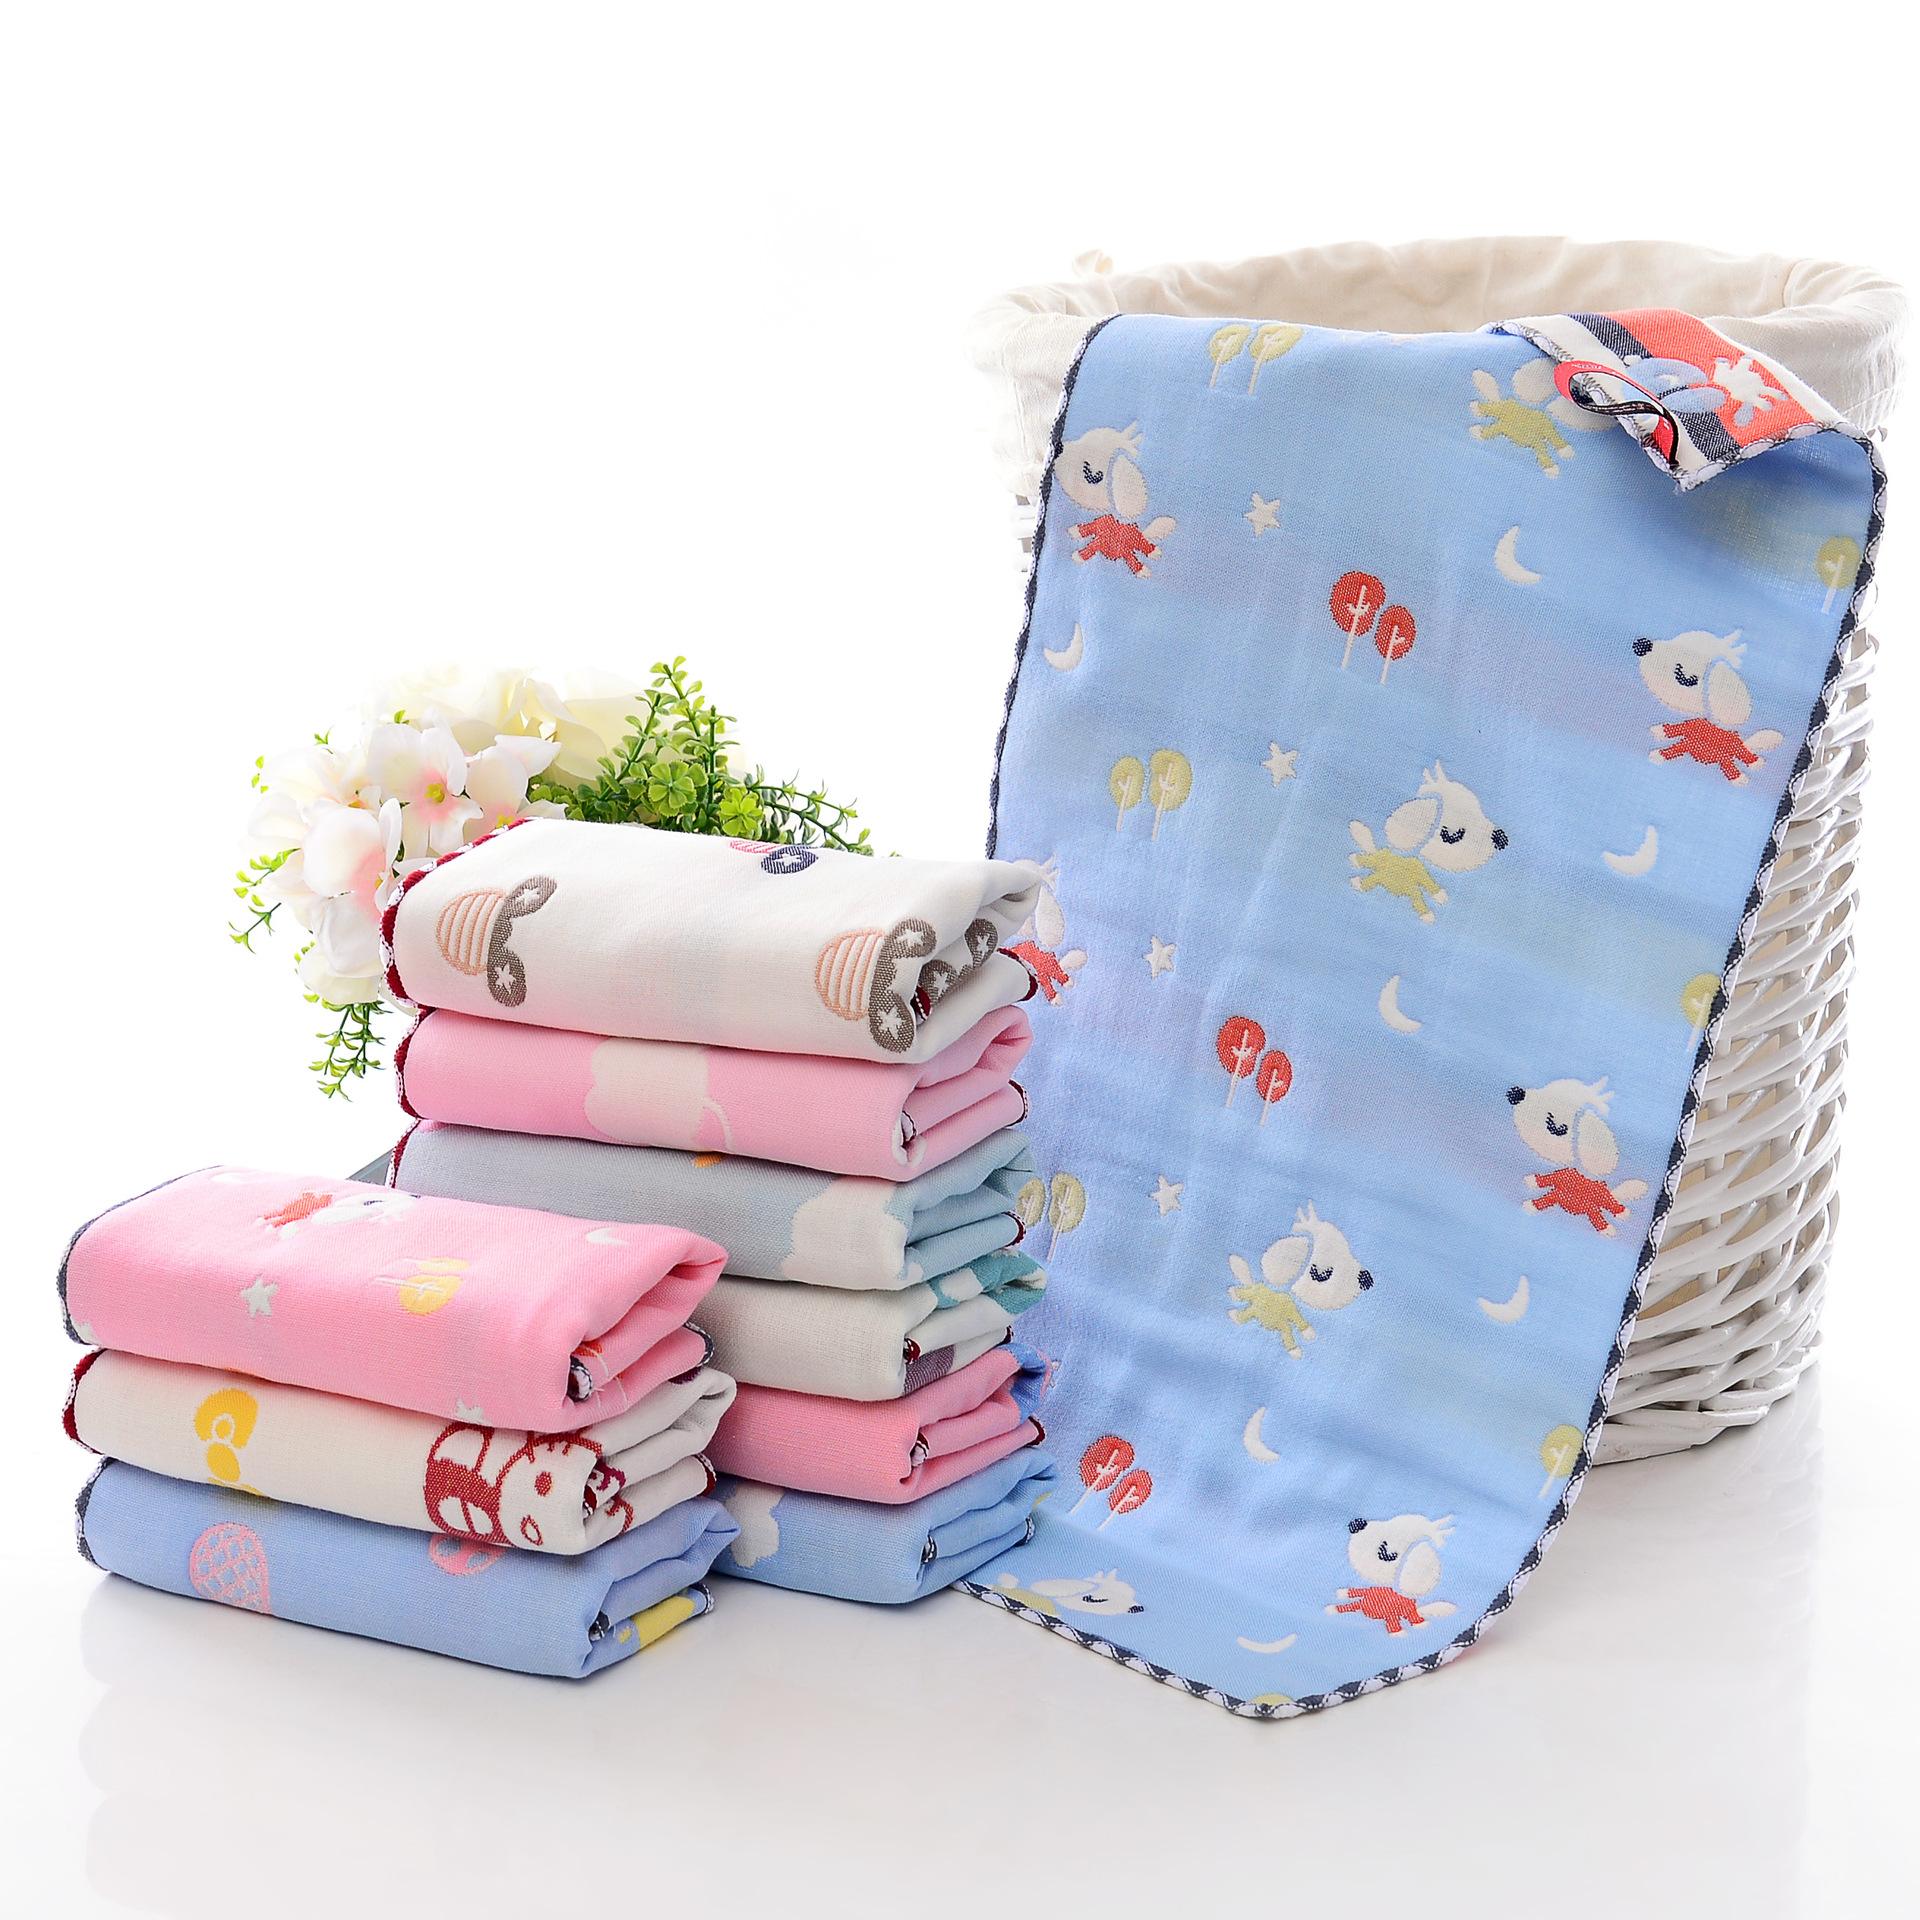 儿童毛巾纯棉洗脸家用可爱卡通挂式长方形纱布全棉柔软吸水小毛巾